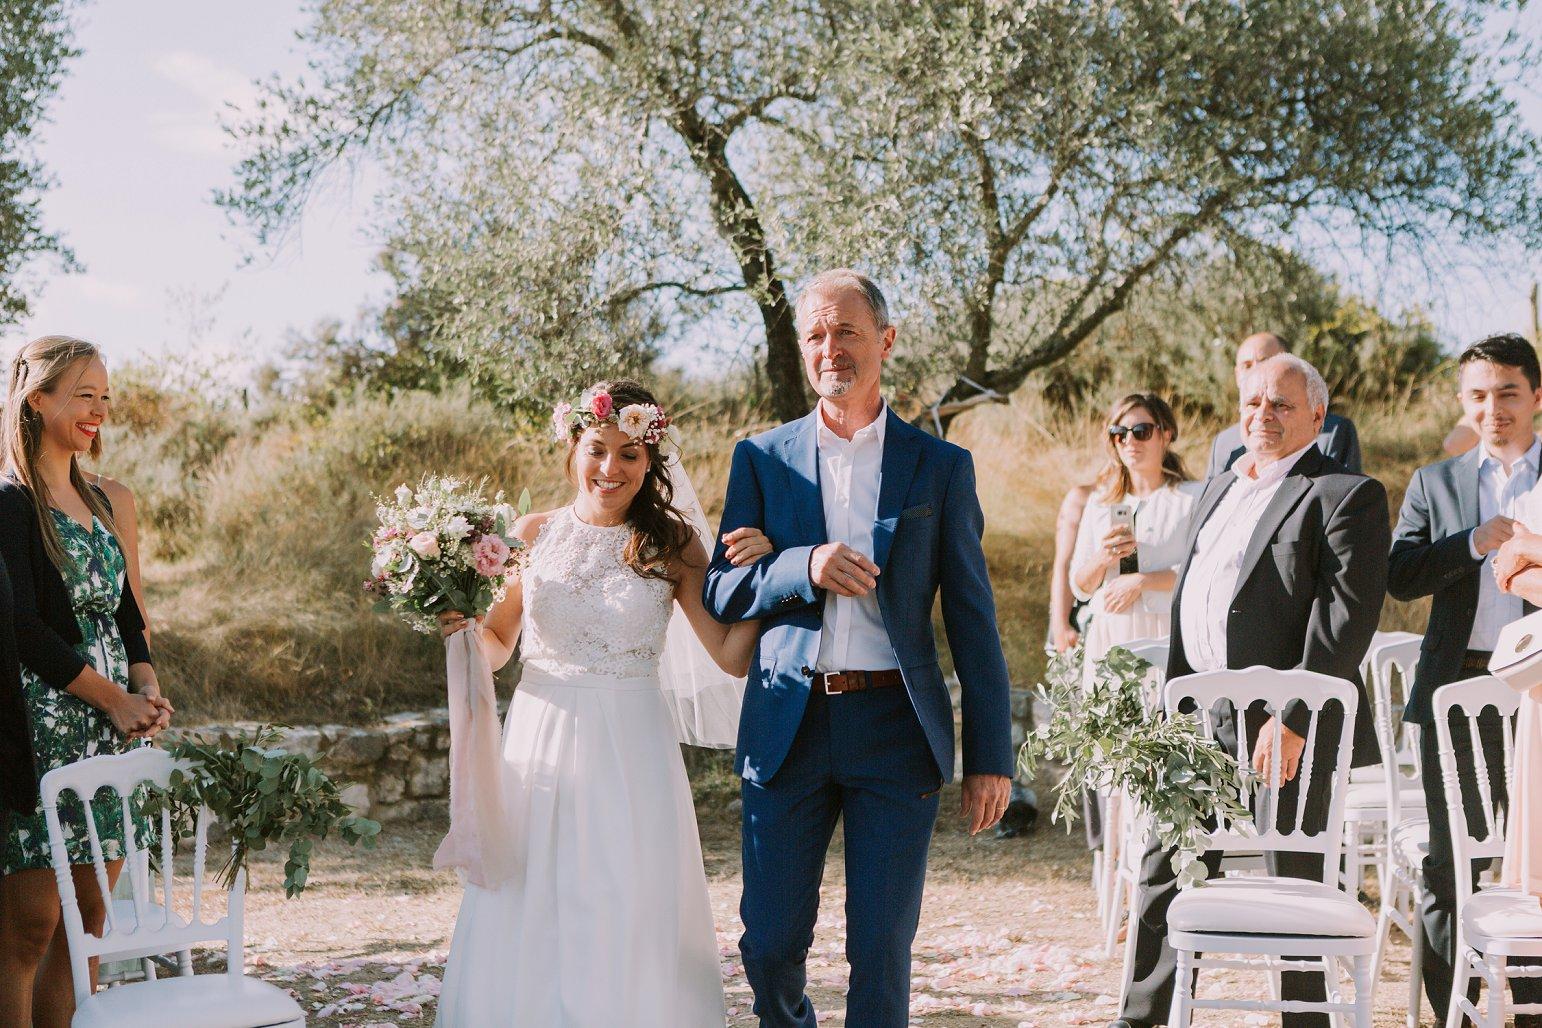 kateryna-photos-mariage-wedding-france-ardeche-domaine-clos-hullias-Saint-Christol-de-Rodière-gard-cevennes_0196.jpg